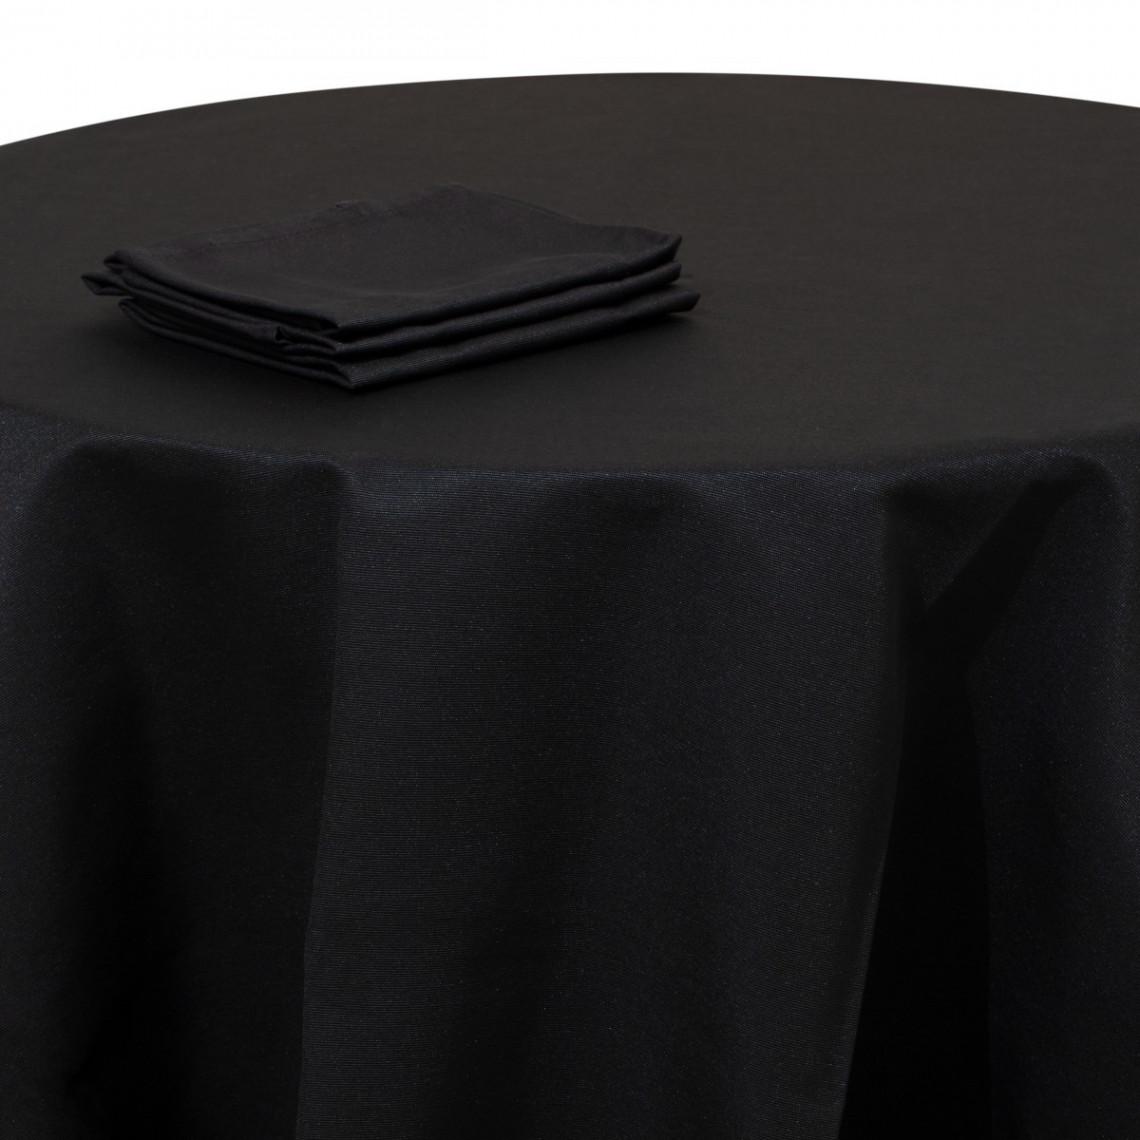 Chemin de table Monarque noir (M1)